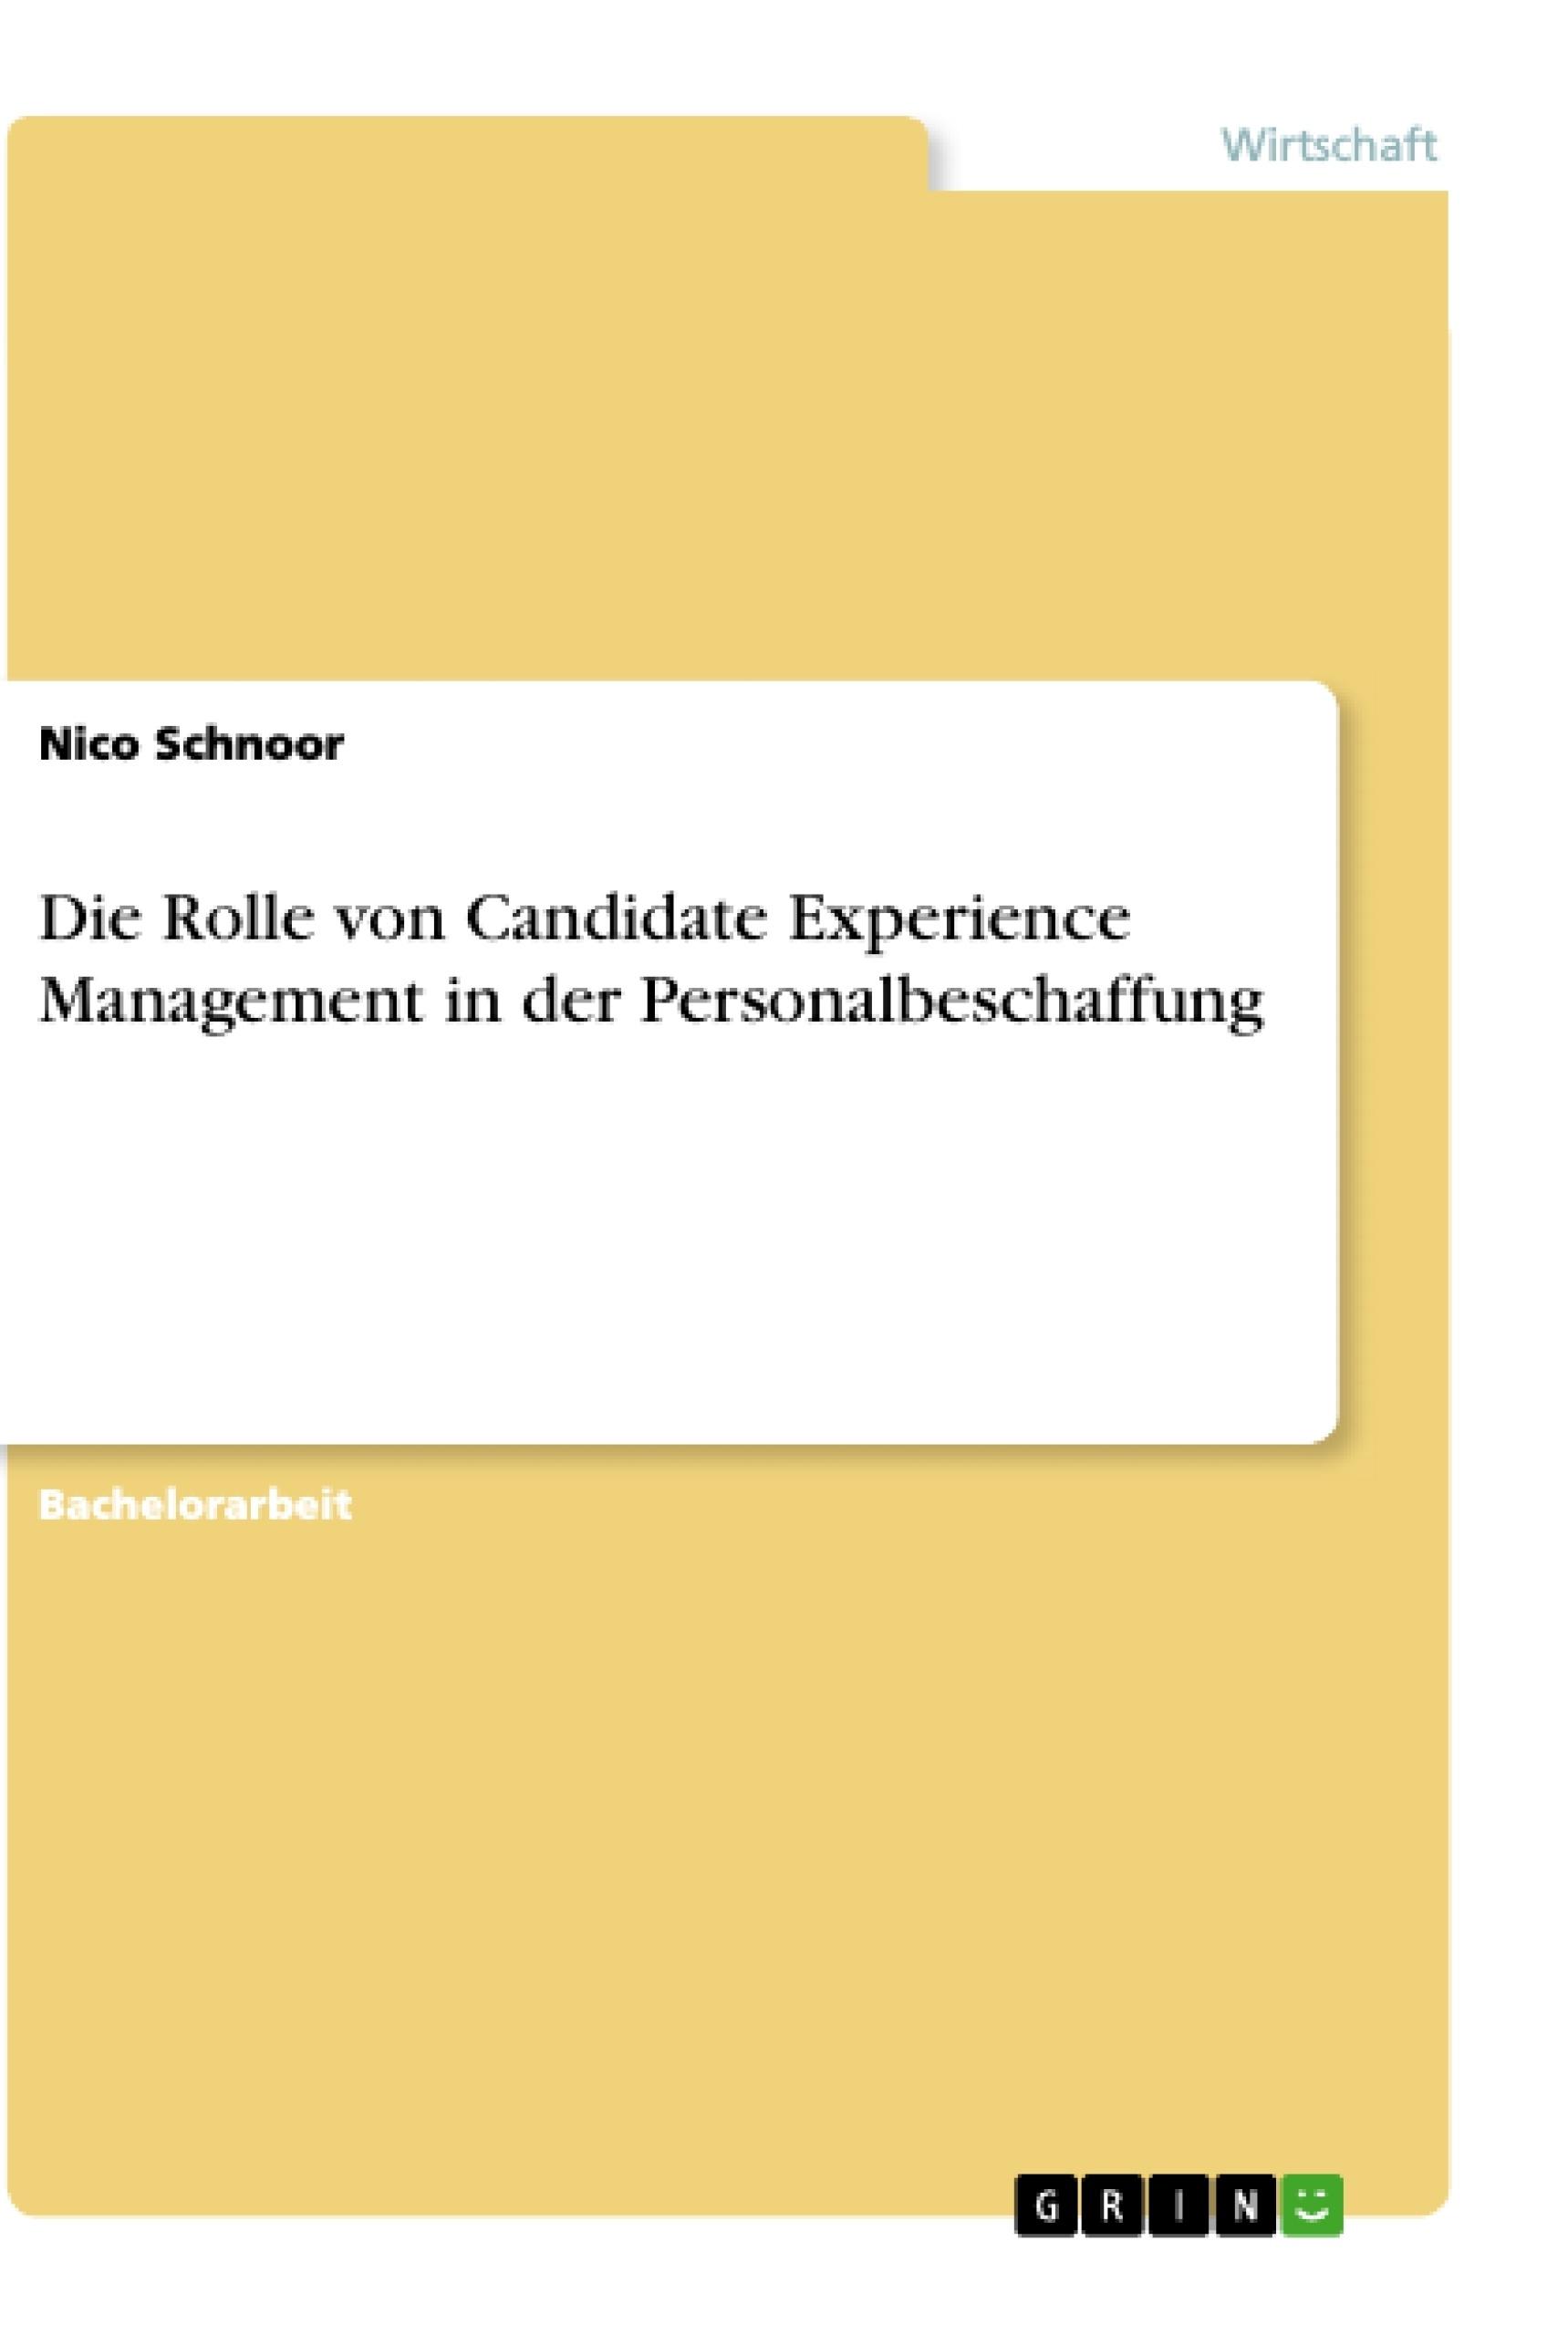 Titel: Die Rolle von Candidate Experience Management in der Personalbeschaffung